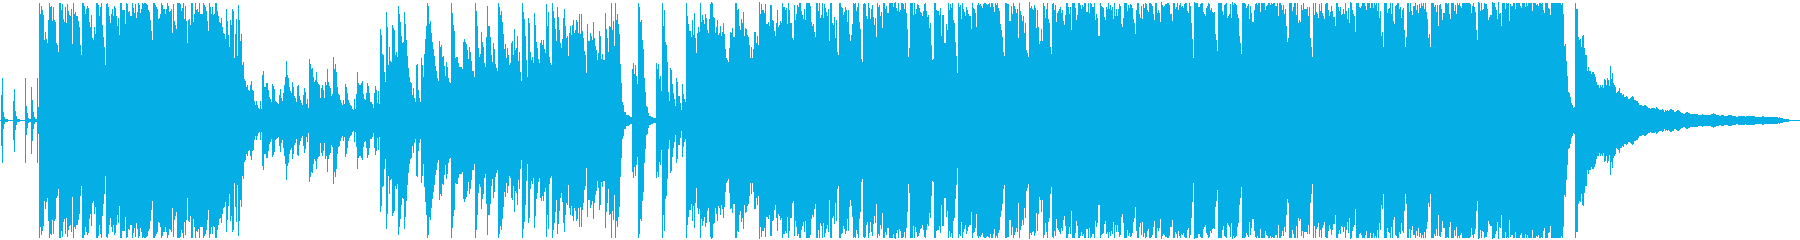 元気いっぱいなピアノポップスの再生済みの波形